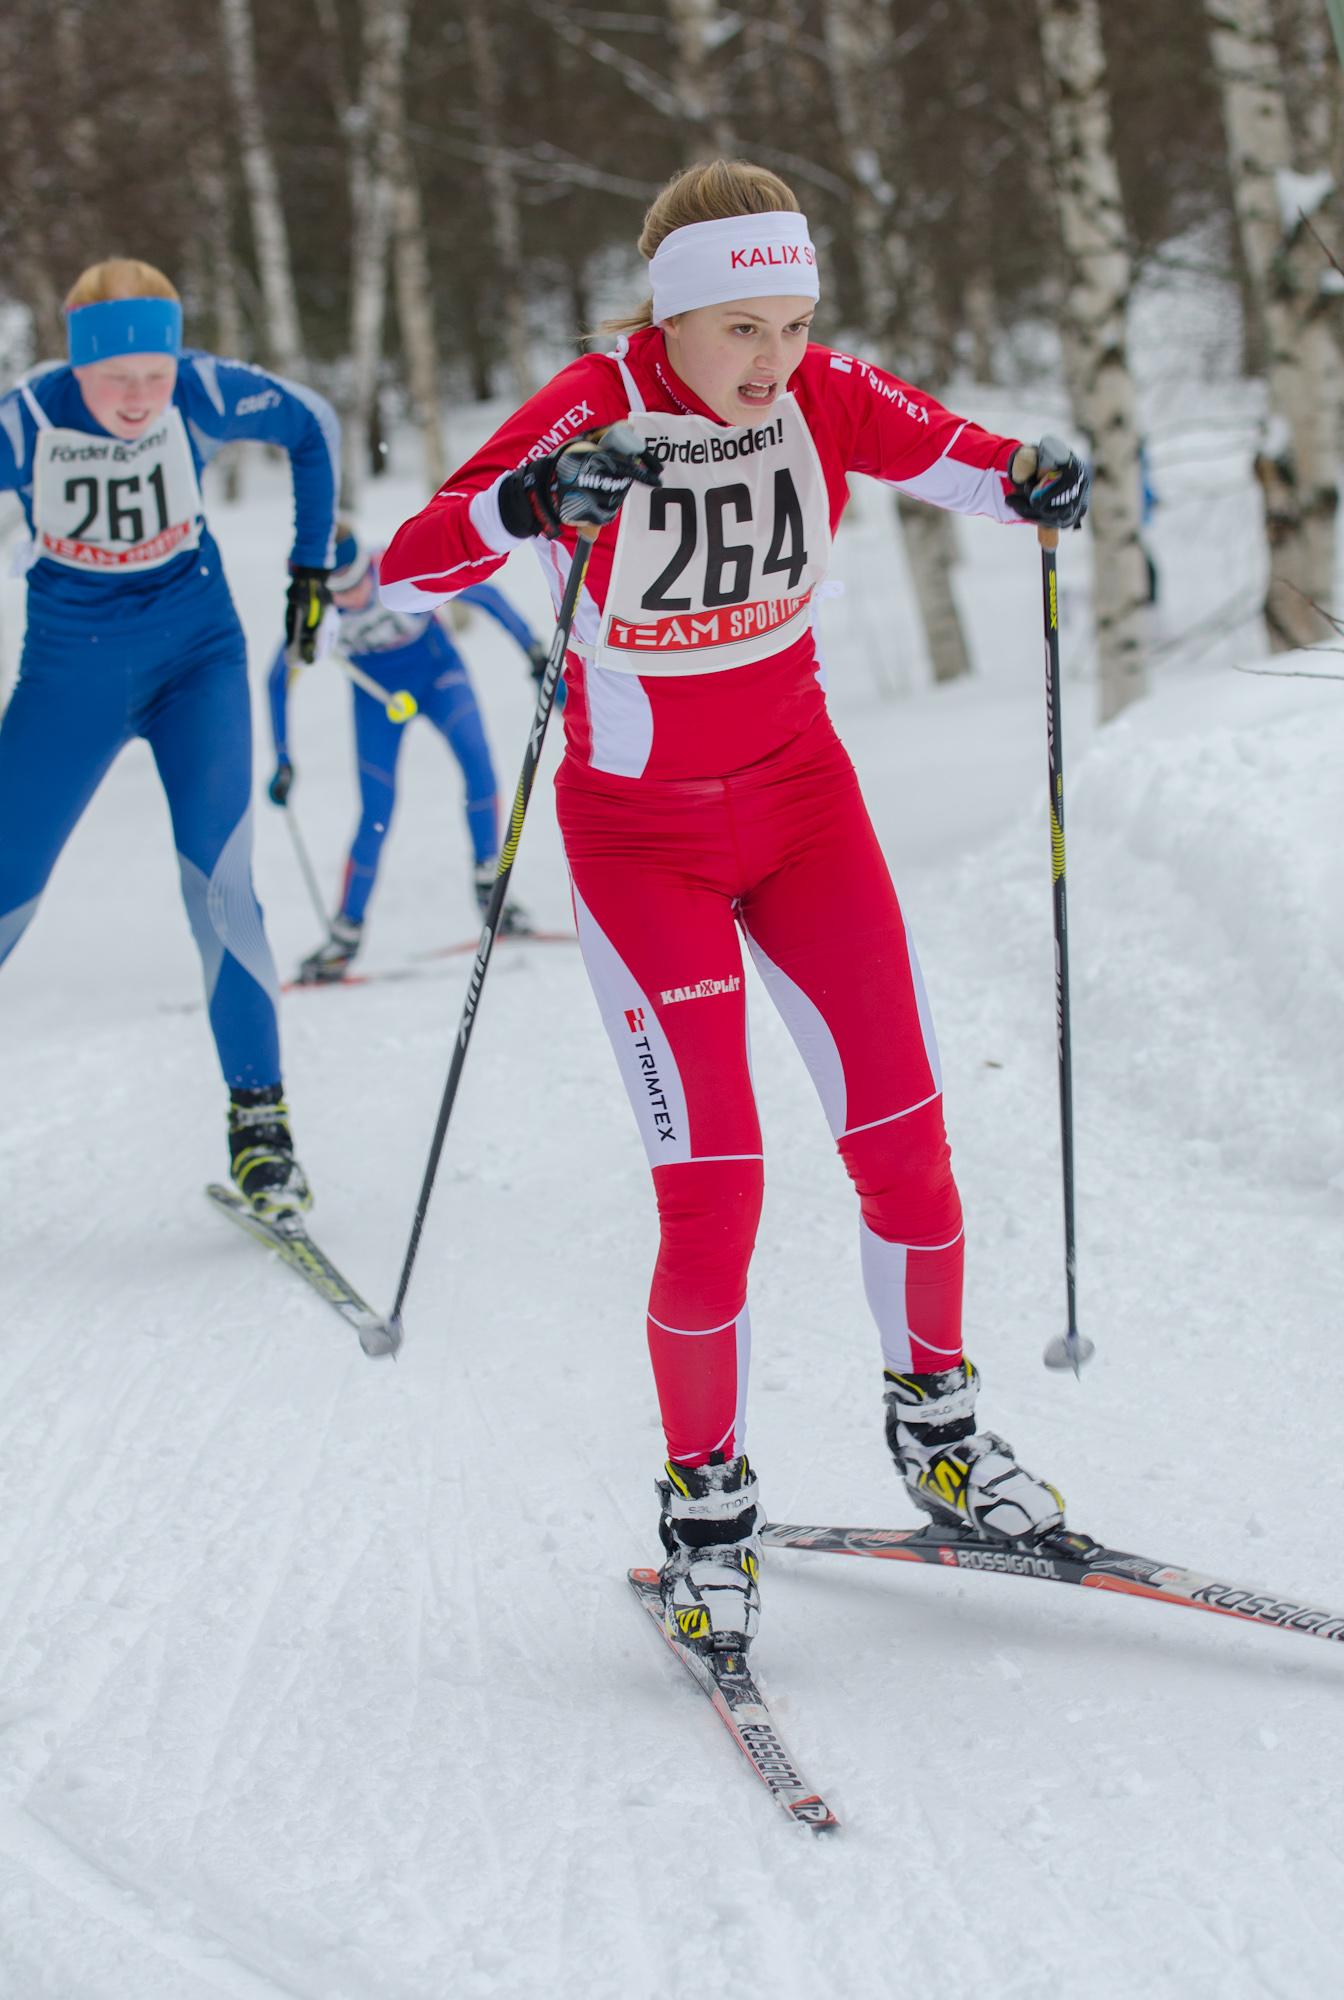 Sävastspelen 2014